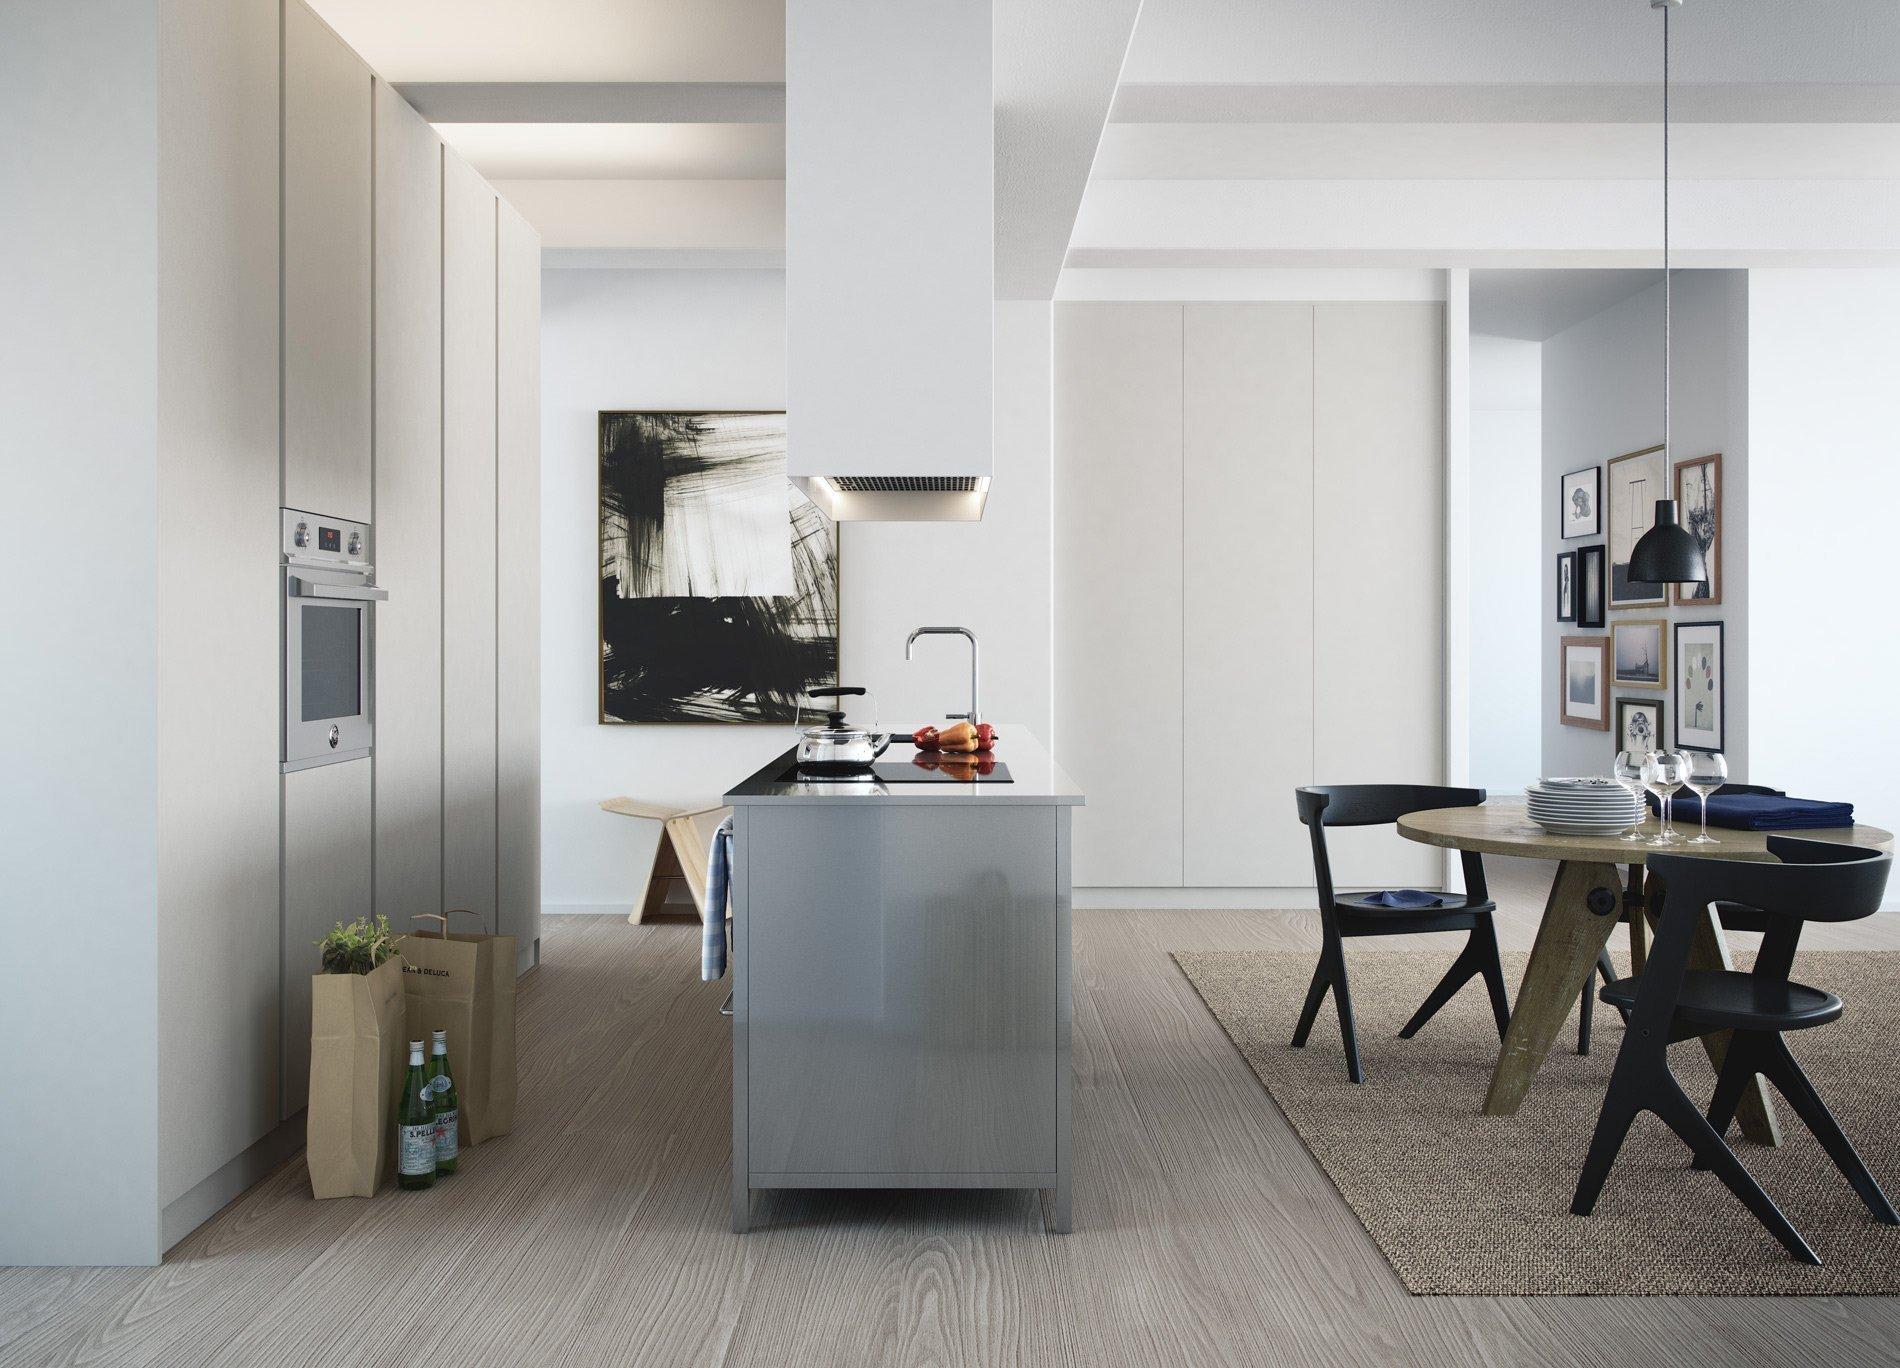 Na nenápadou kuchyň může plynule navázat výraznější obytná zóna.